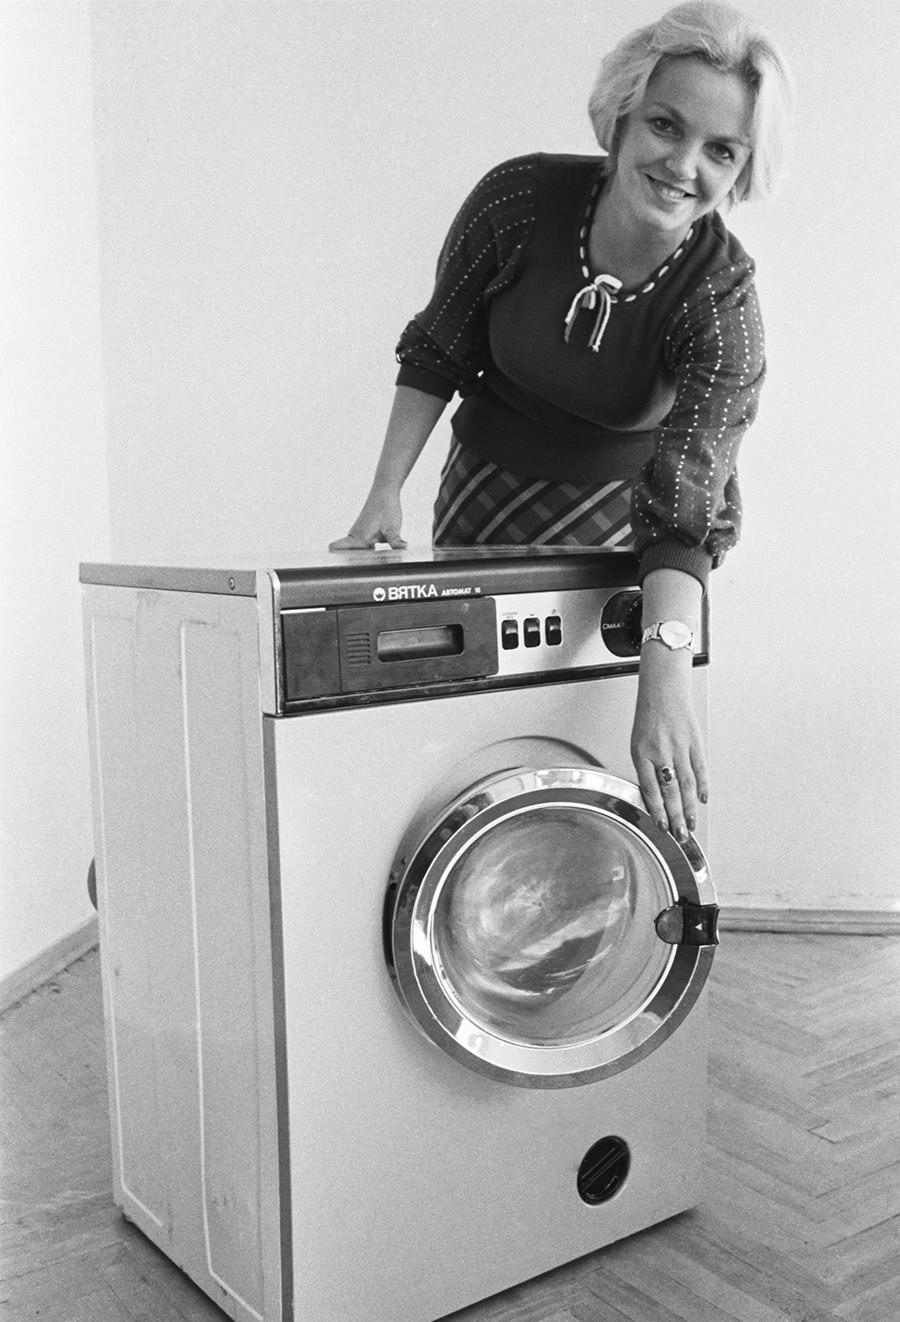 洗濯機「ヴャトカ全自動」、1978年